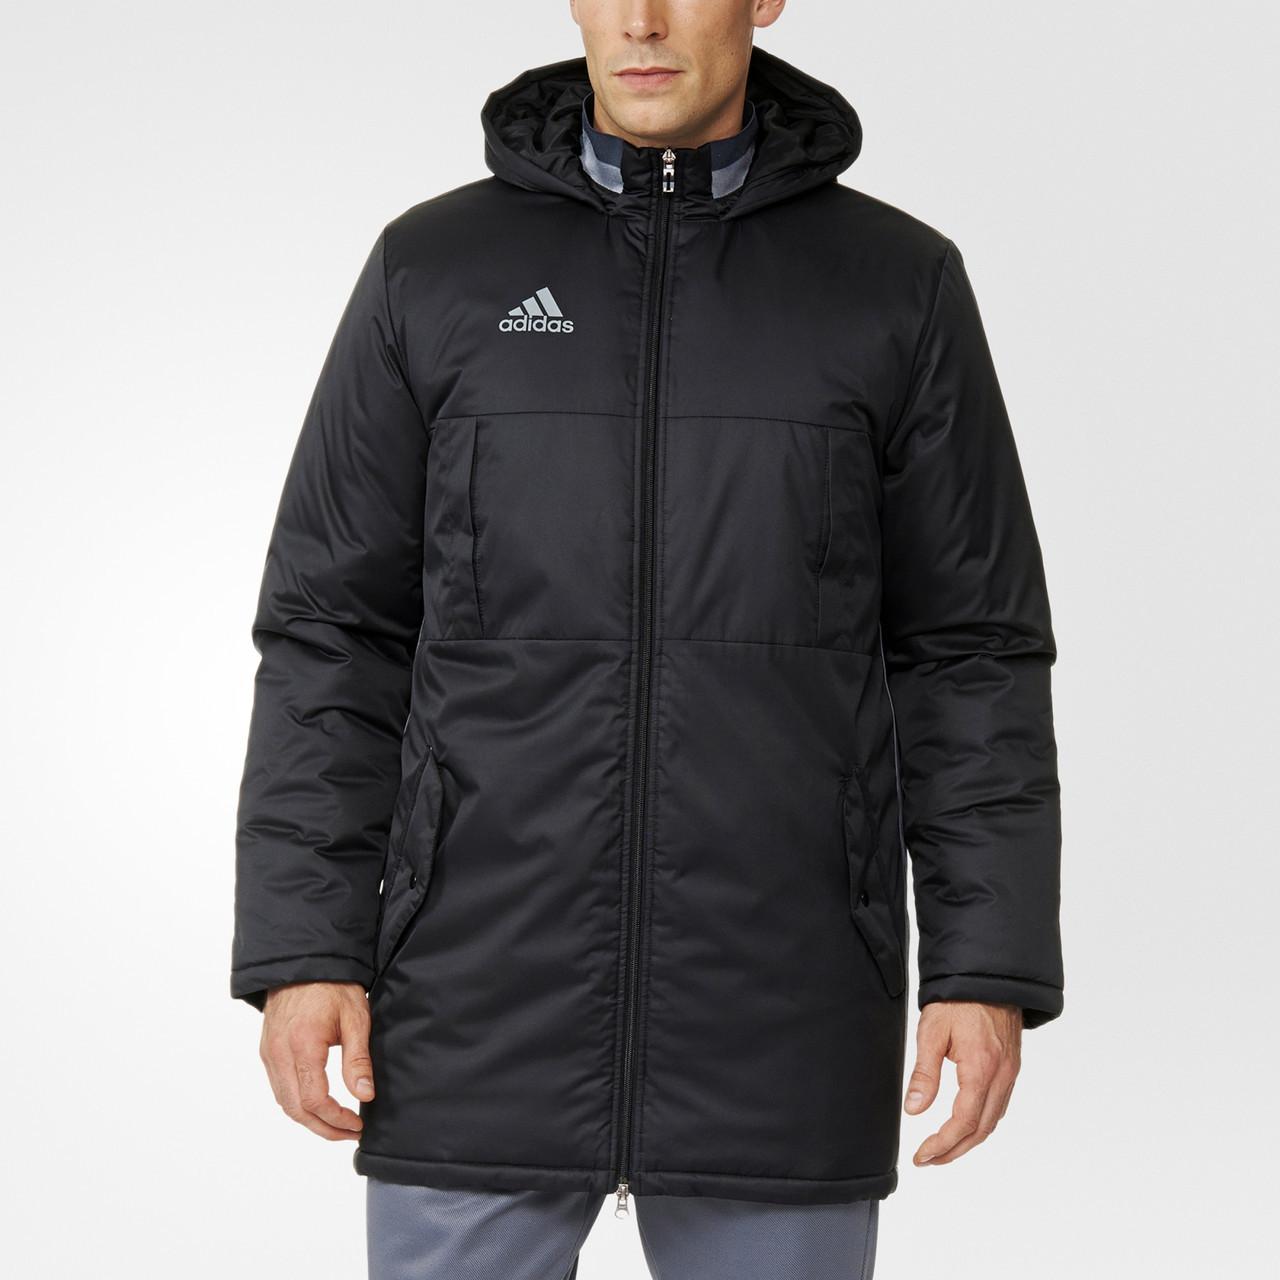 f9cd38f5 Куртка Adidas Condivo 16 Jacket AN9870 - Магазин спортивной одежды и обуви  Max Sport в Киеве